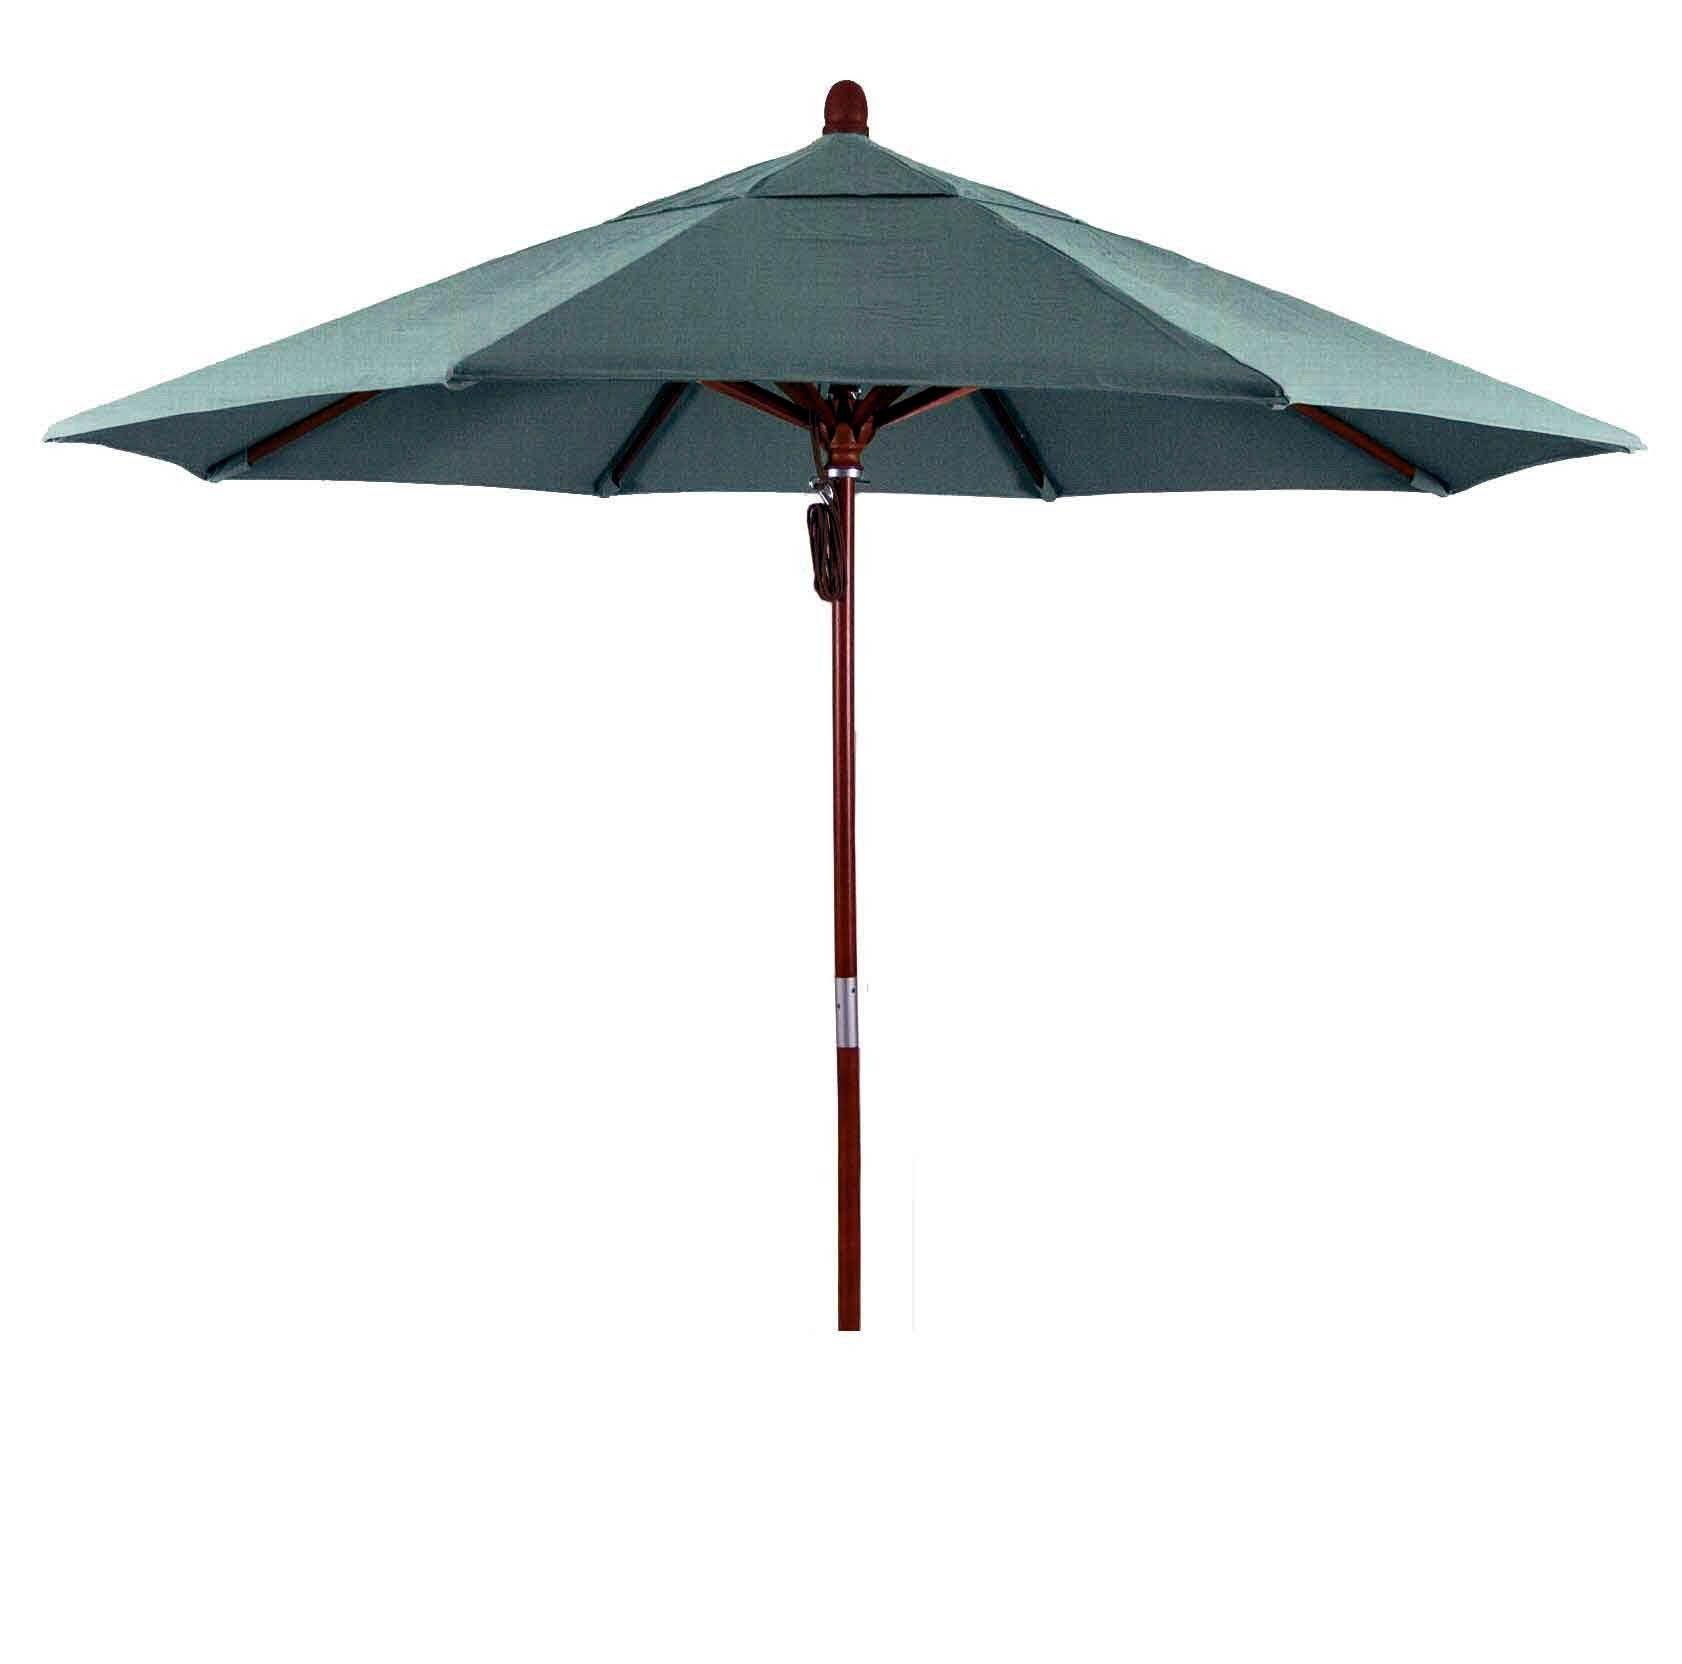 Brilliant Deck Umbrella Costco To Inspire You Deck Umbrella Outdoor Umbrella Umbrella